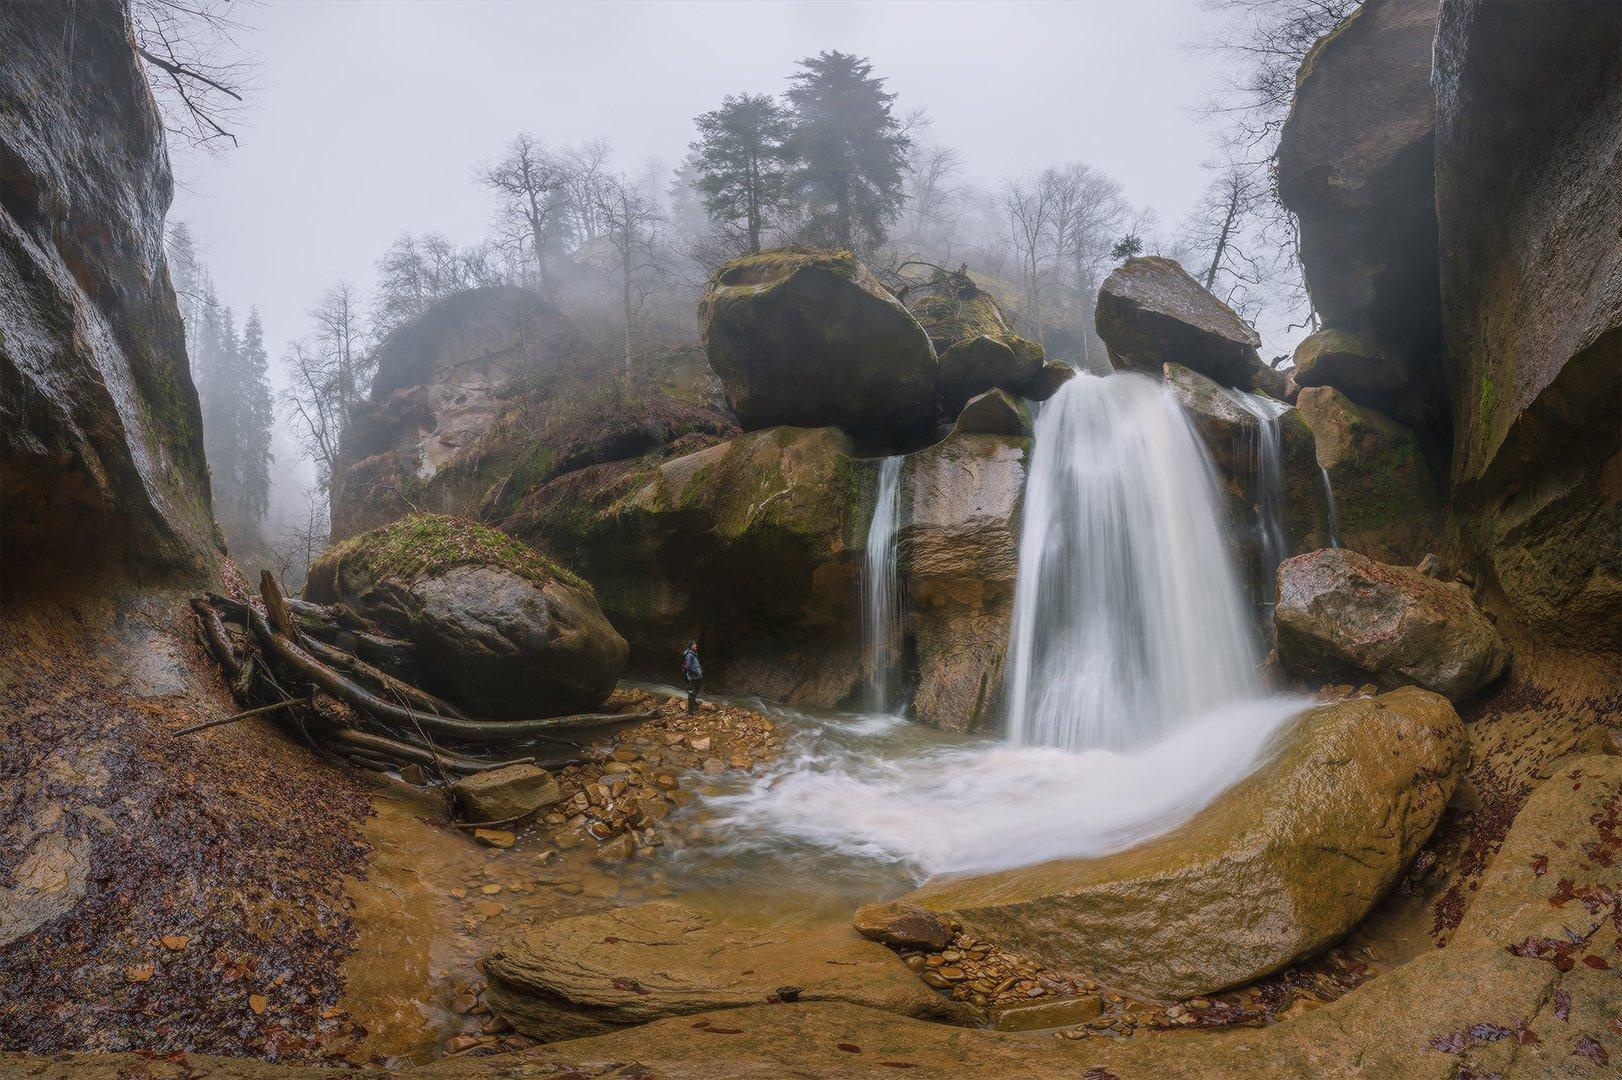 северный кавказ солёное река  кызыл-бек водопад затерянный весна апрель, Николай